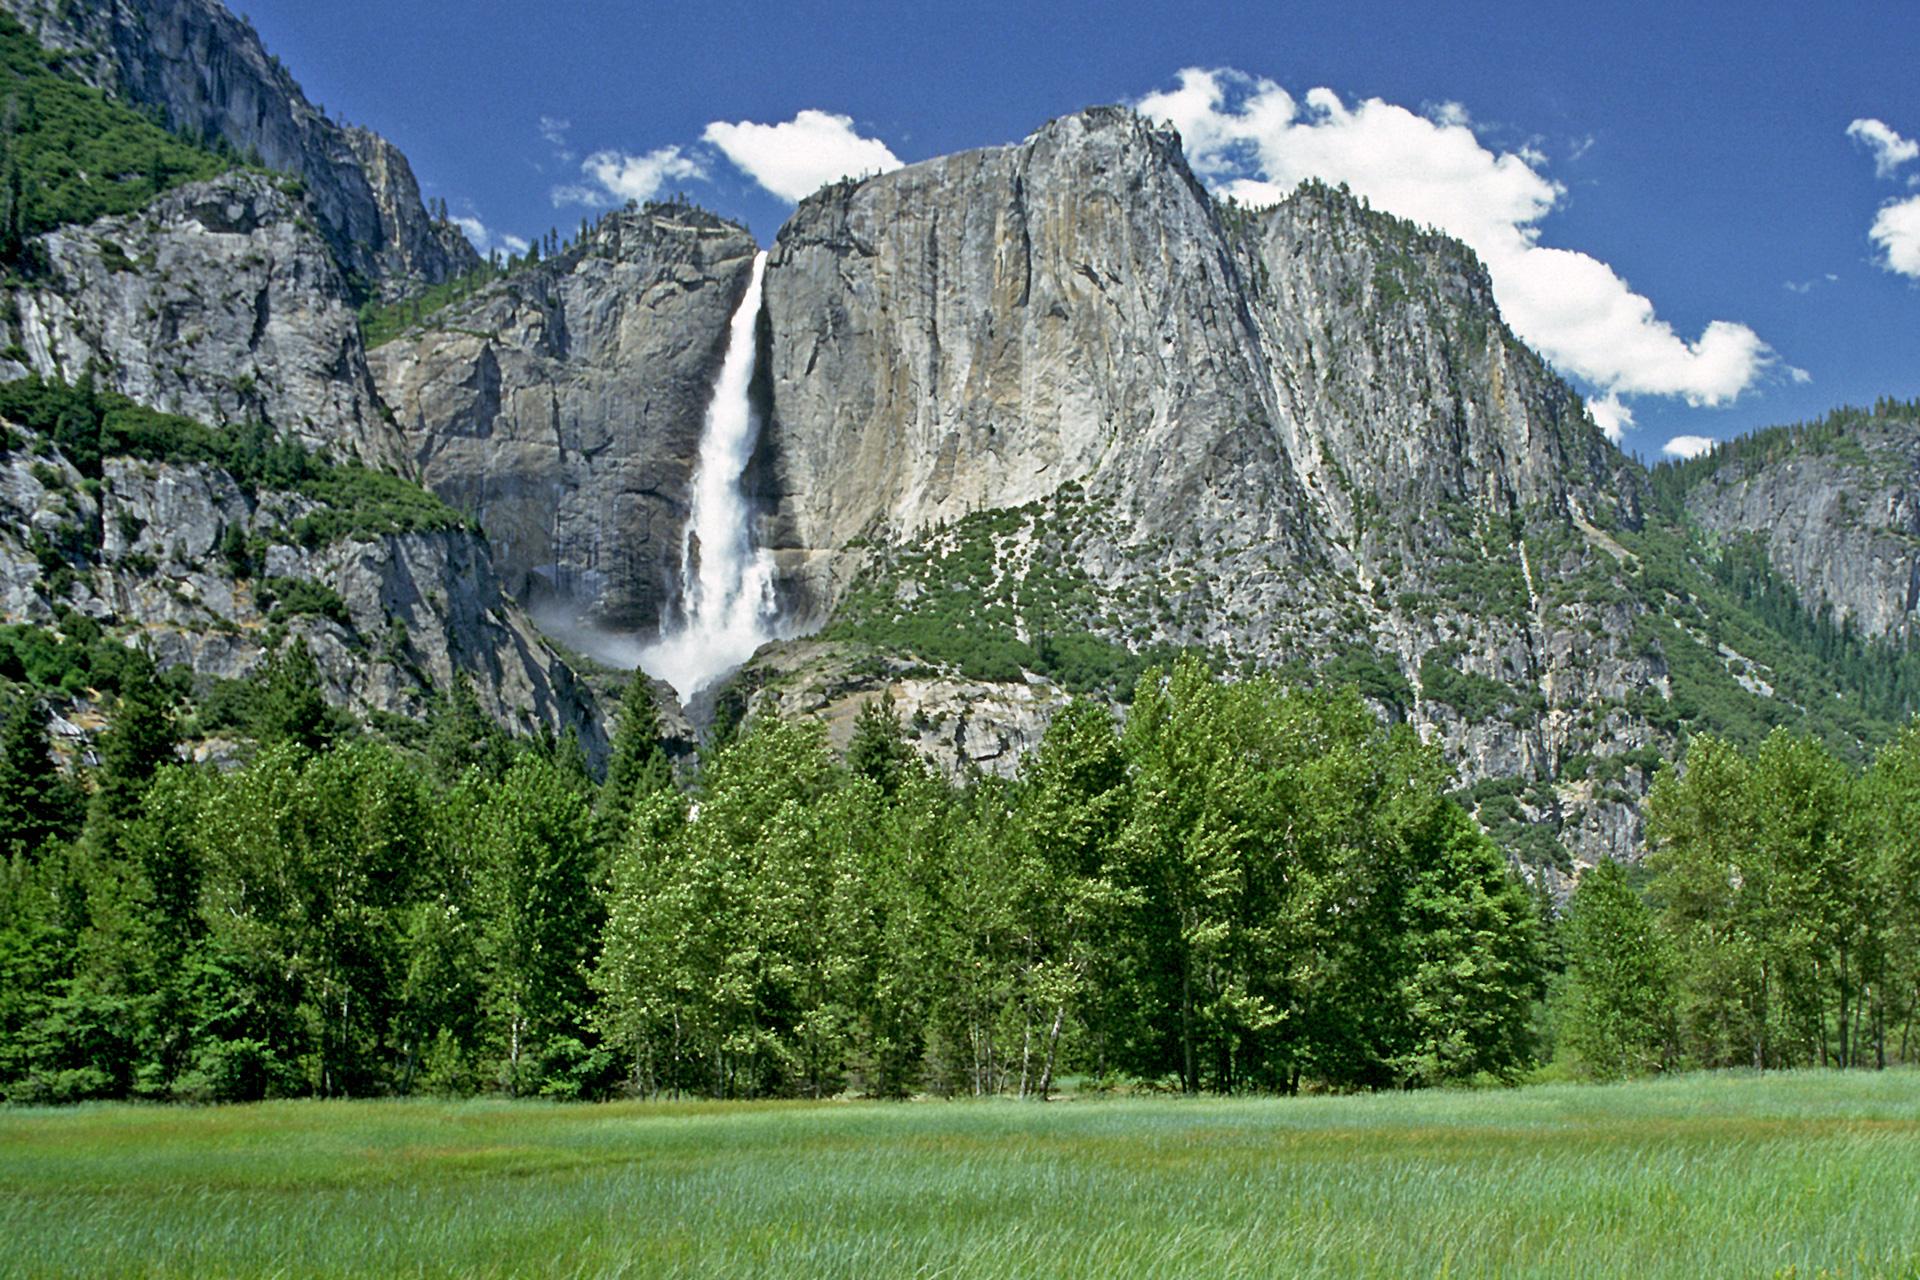 Natur & Umwelt - Wasserfall Yosemite-Nationalpark